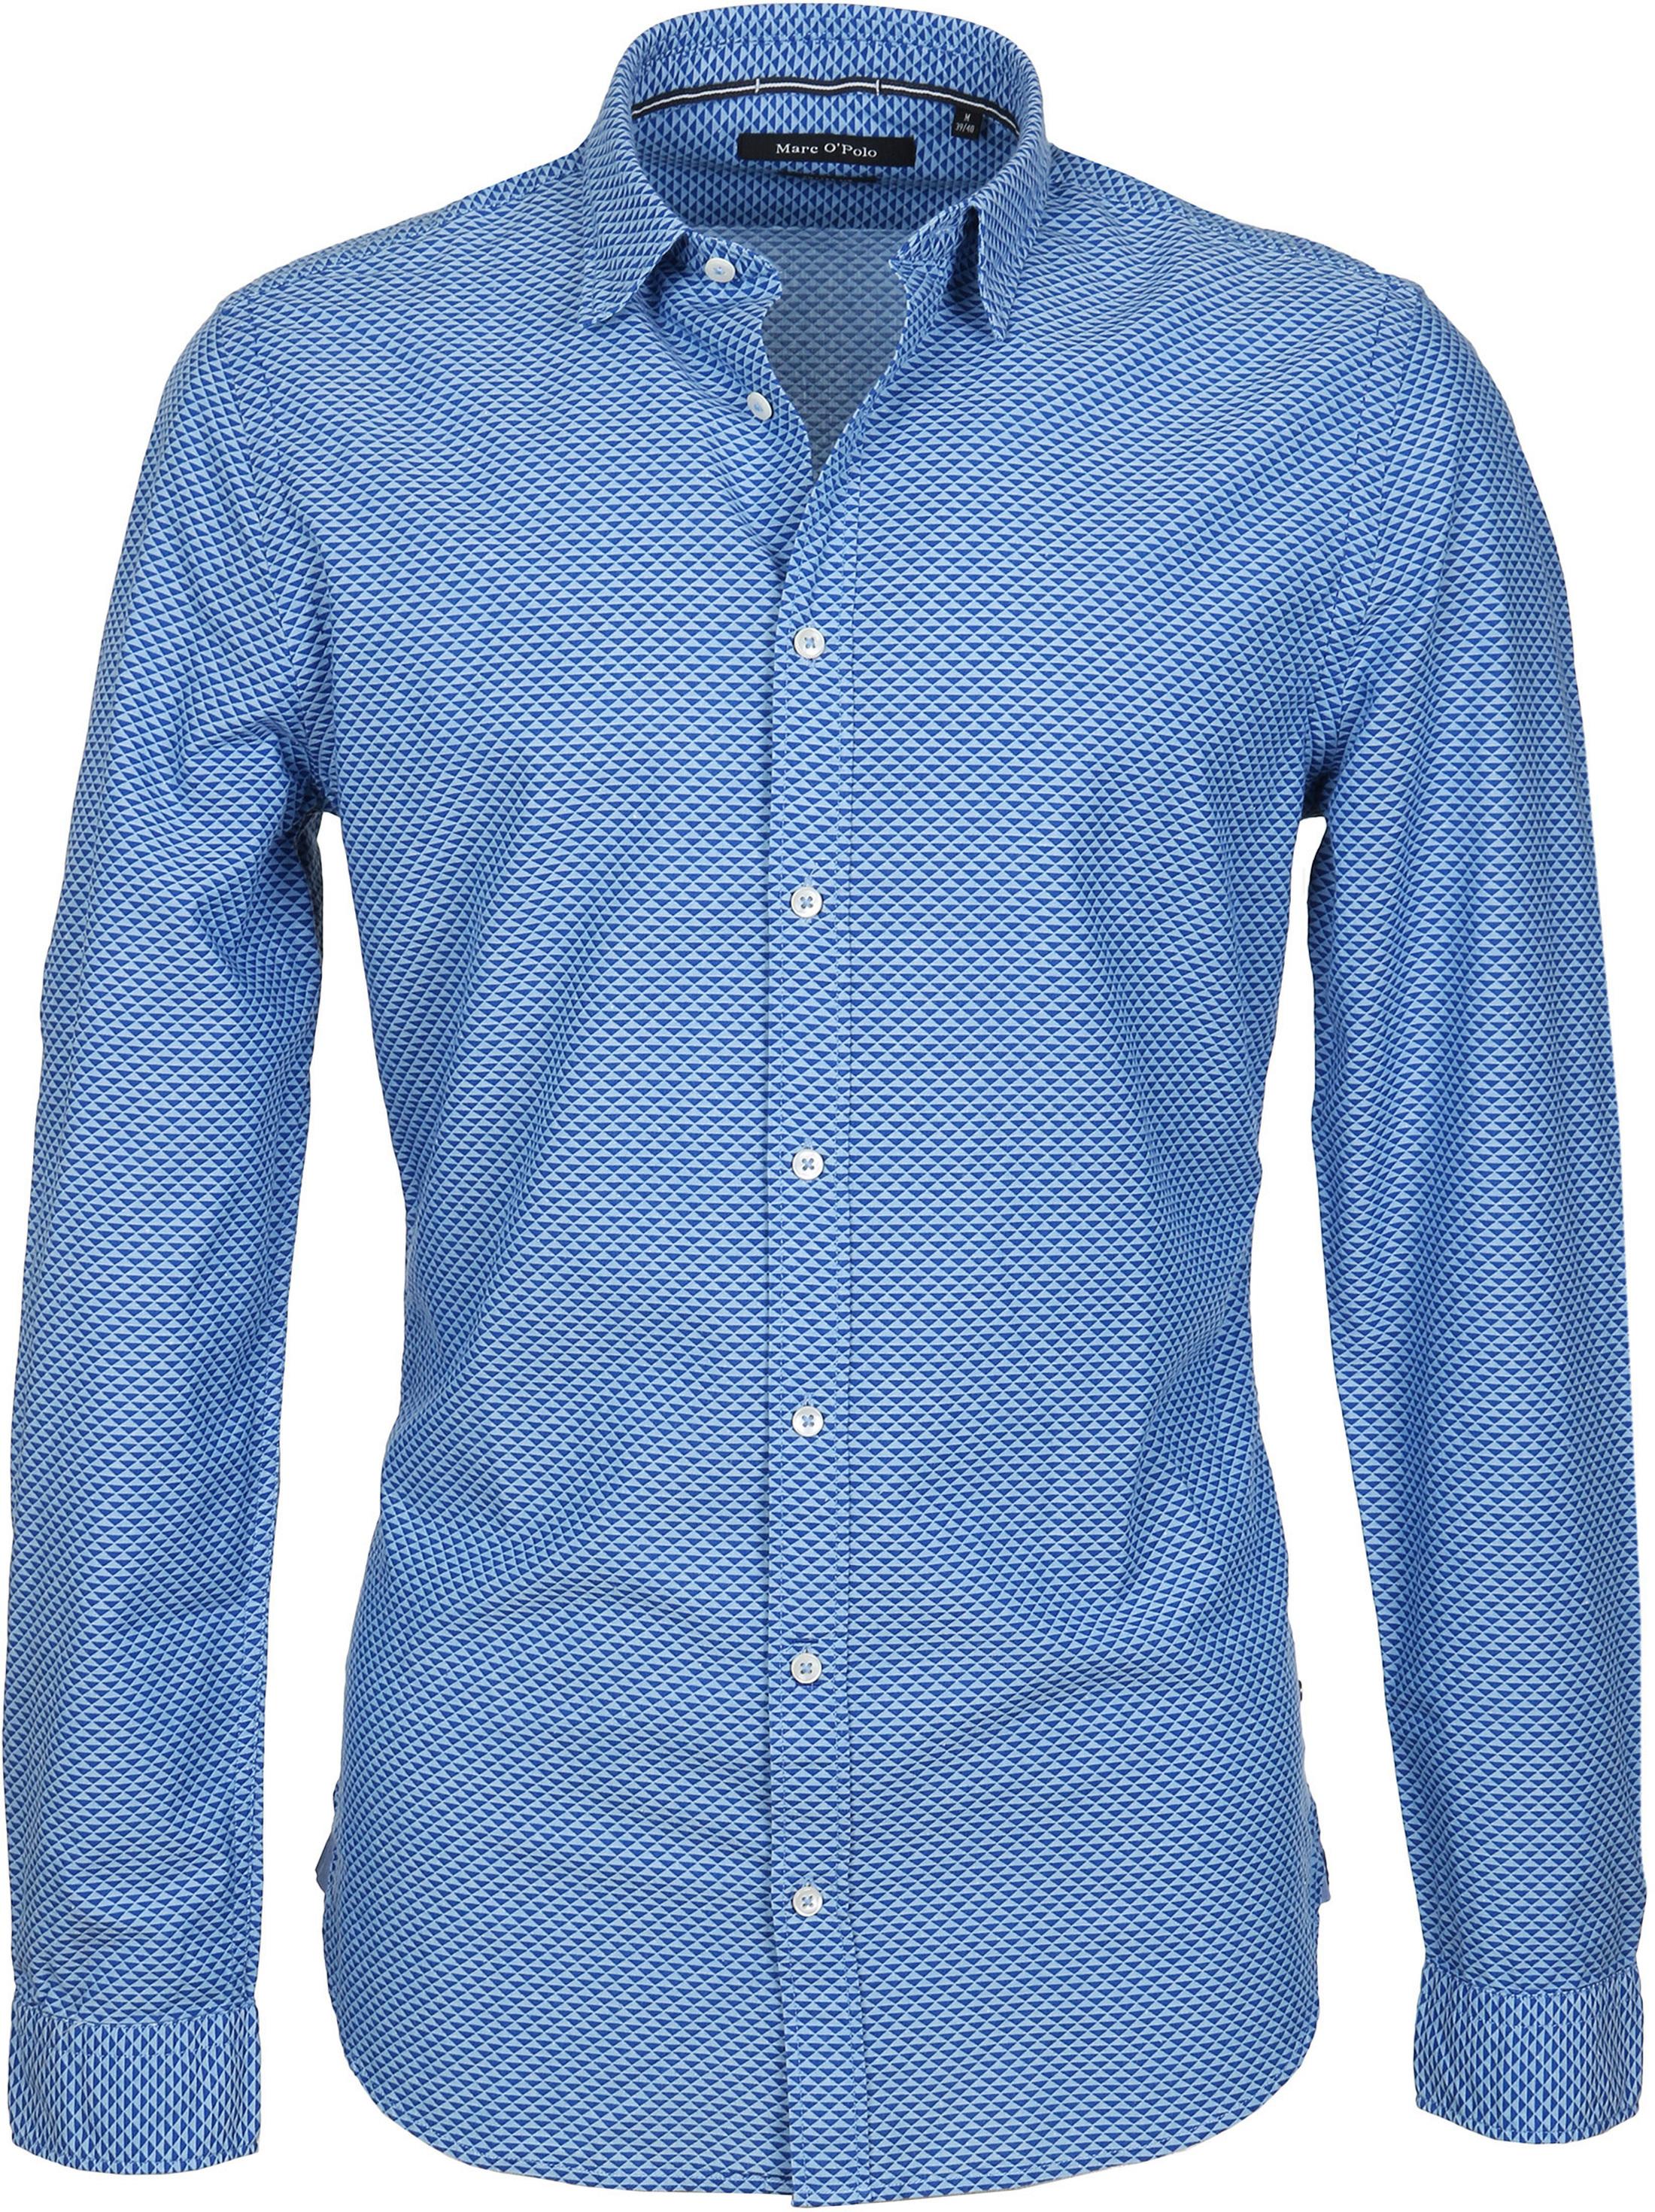 on sale 39a65 086bf Marc O'Polo Overhemd Blauw 822743642072 online bestellen ...